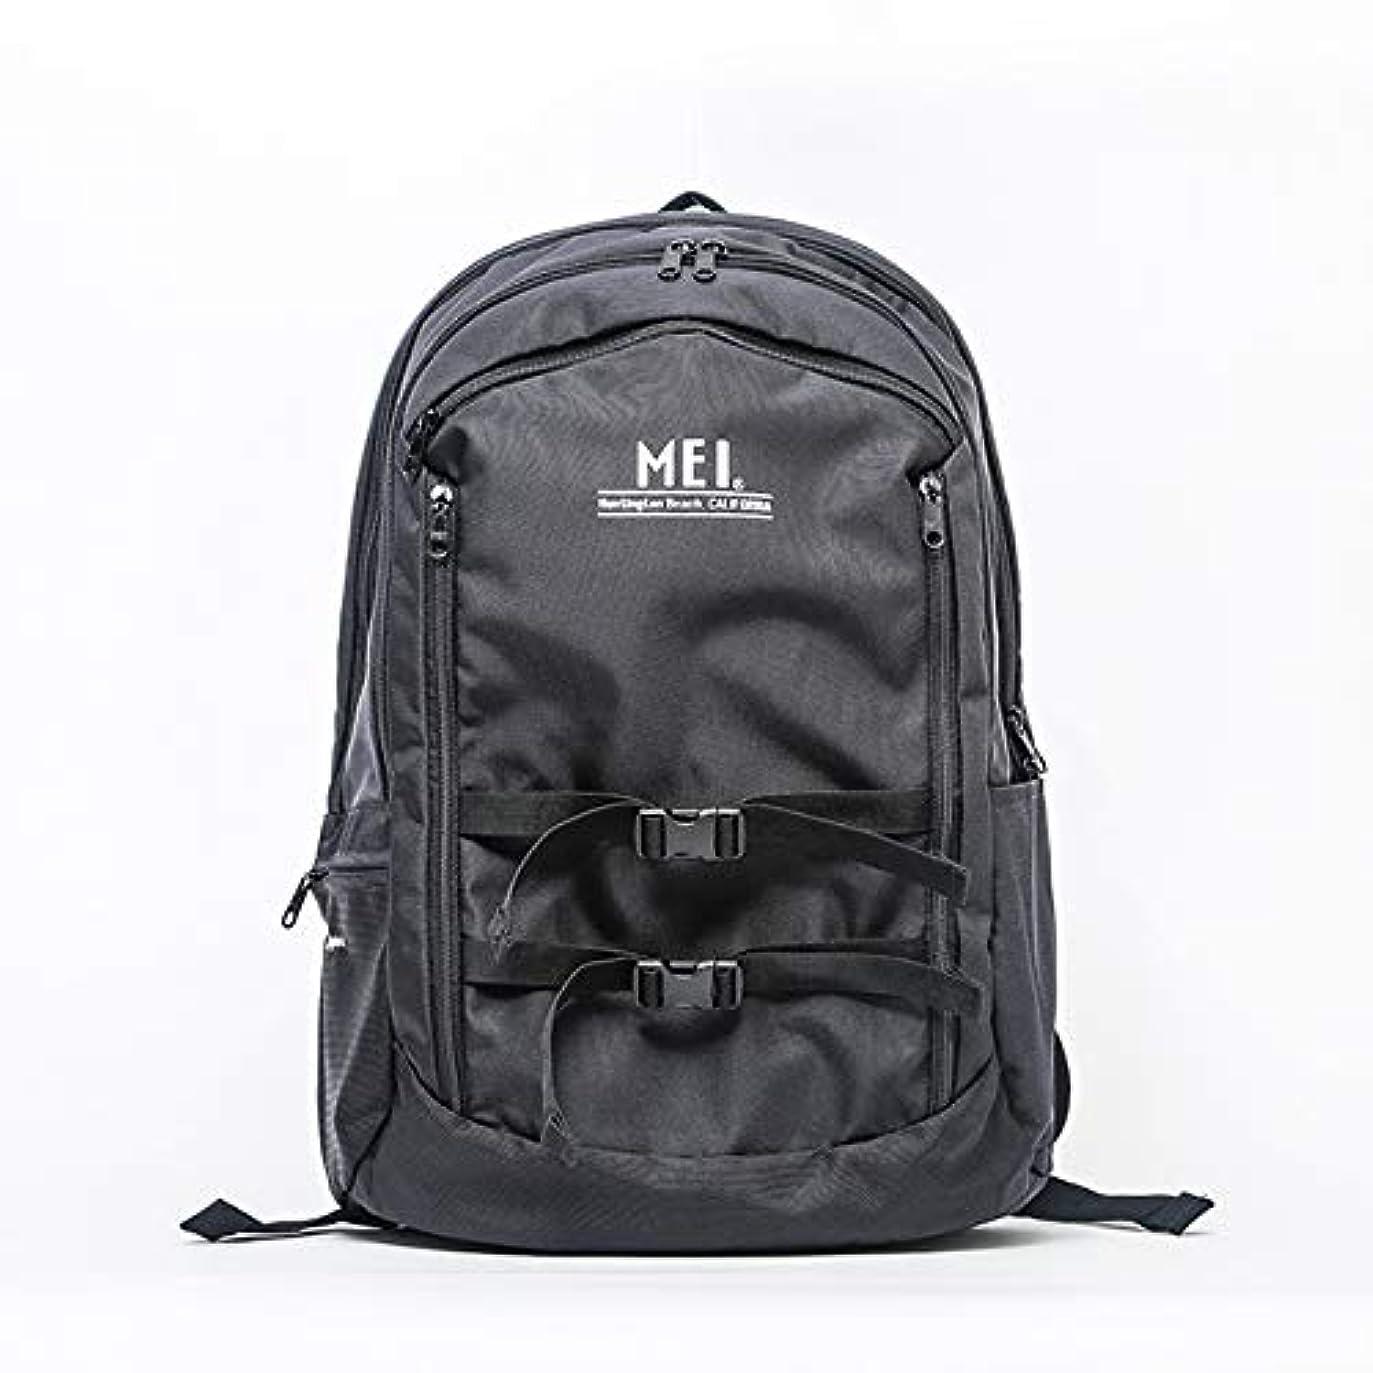 誇りに思う流産不足2019年春夏モデル【メイオフィシャル】mei-000-191204 SMALL PACK スモールパック